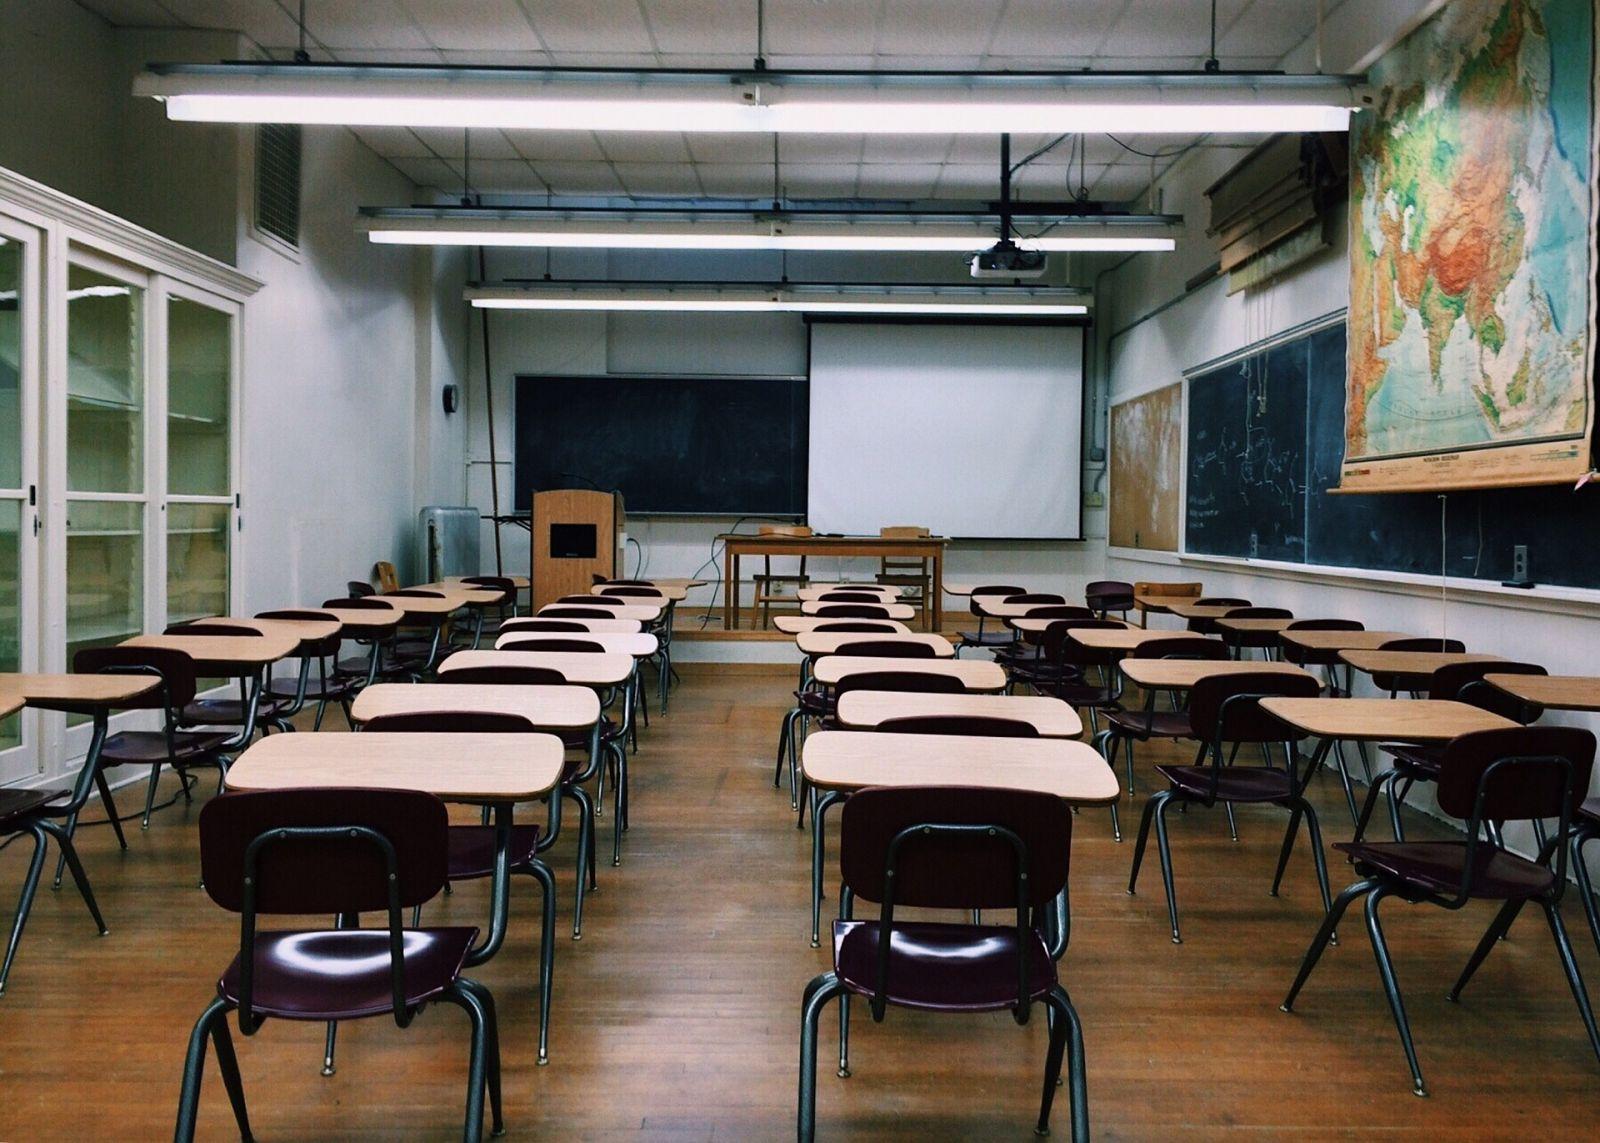 Március 11 és 22 között zárva lesznek a romániai iskolák.    Fotó: pixabay